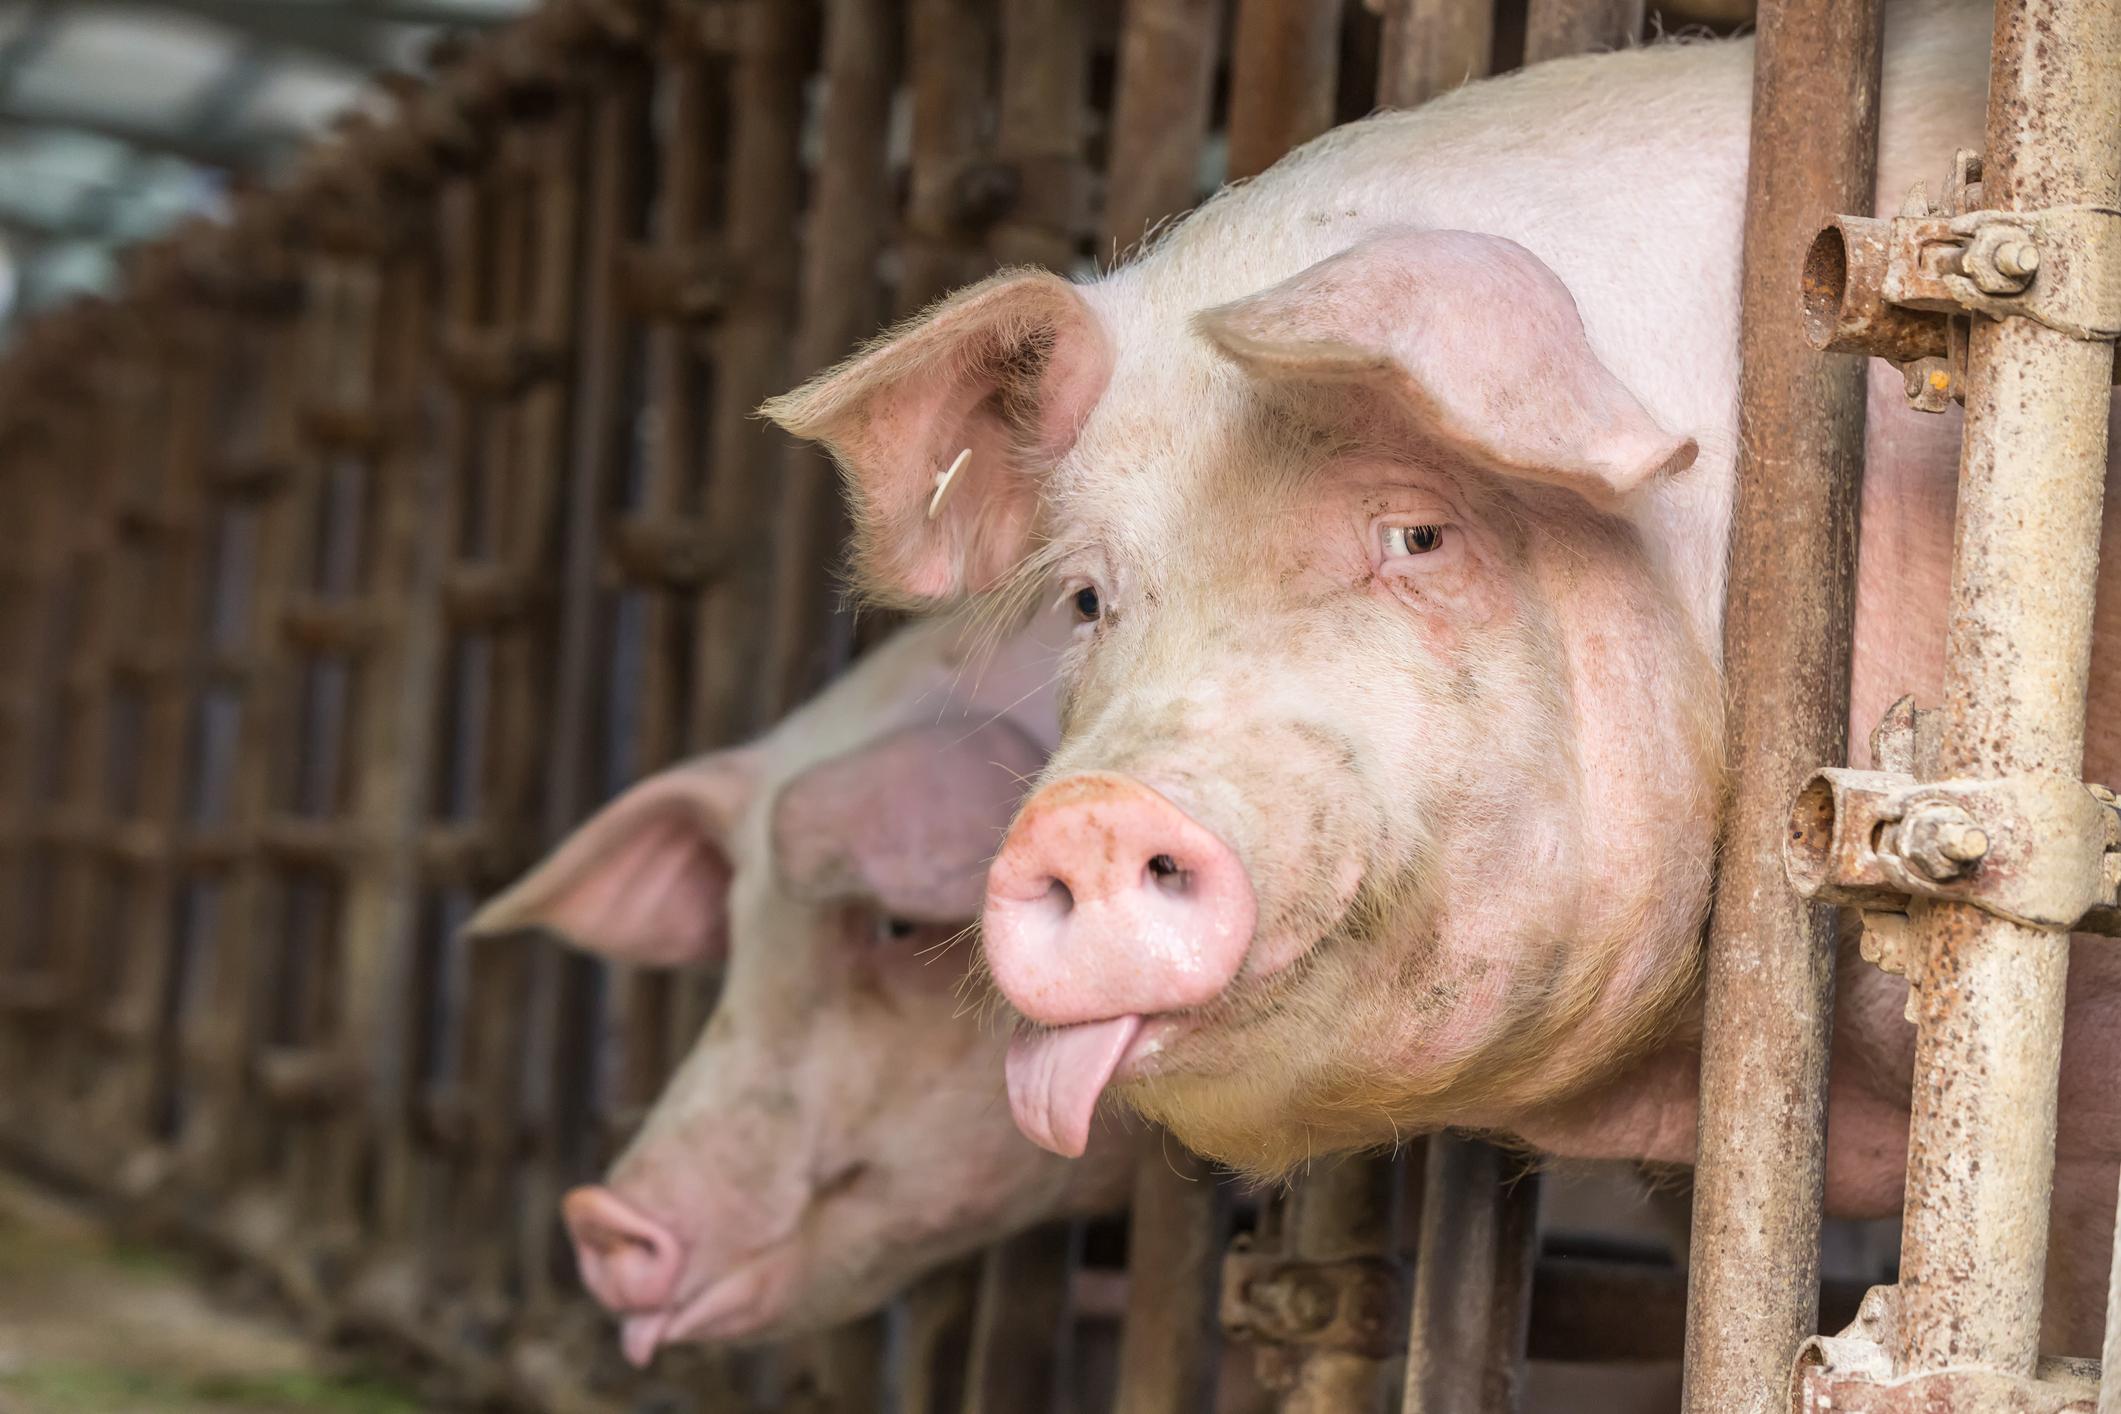 Китайский фермер вырастил свинью весом с белого медведя, потому что в  стране не хватает мяса - Inc. Russia